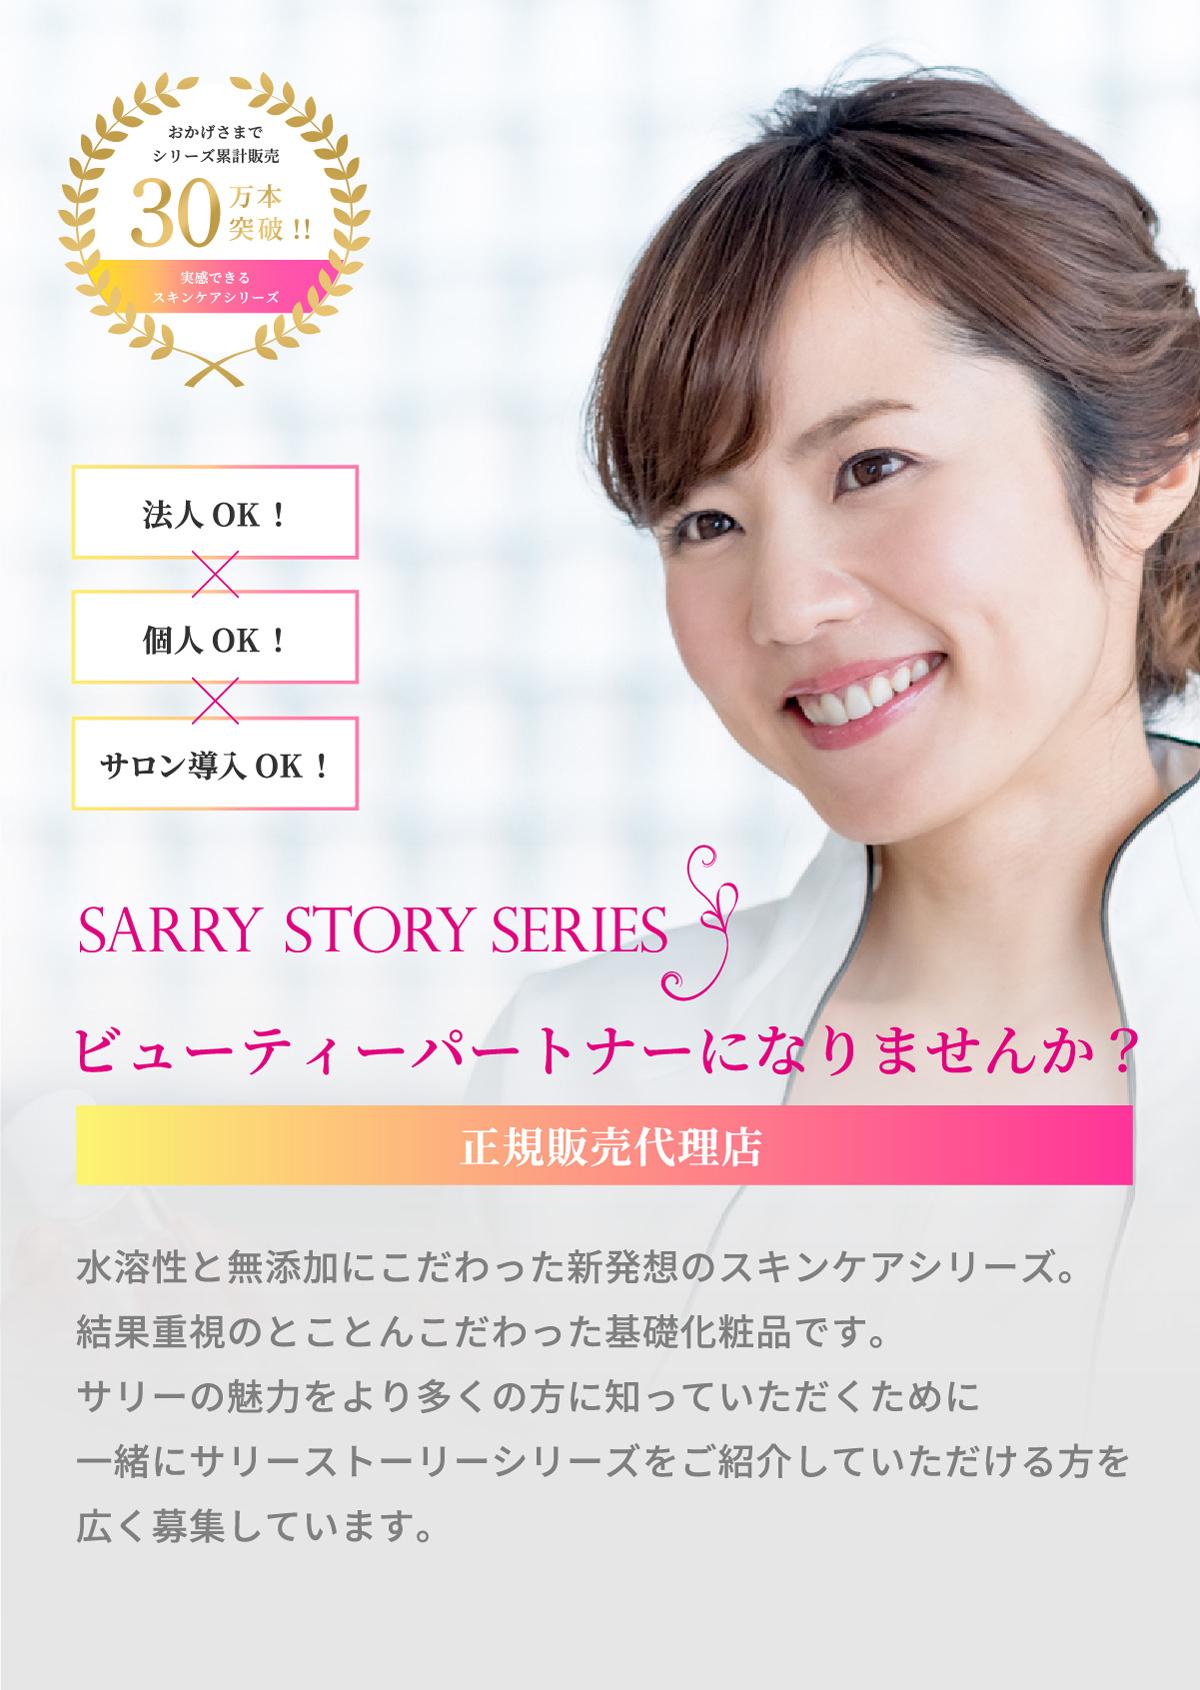 SARRY STORY SERIES 正規販売代理店 水溶性と無添加にこだわった新発想のスキンケアシリーズ。結果重視のとことんこだわった基礎化粧品です。サリーの魅力をより多くの方に知っていただくために一緒にサリーストーリーシリーズをご紹介していただける方を広く募集しています。